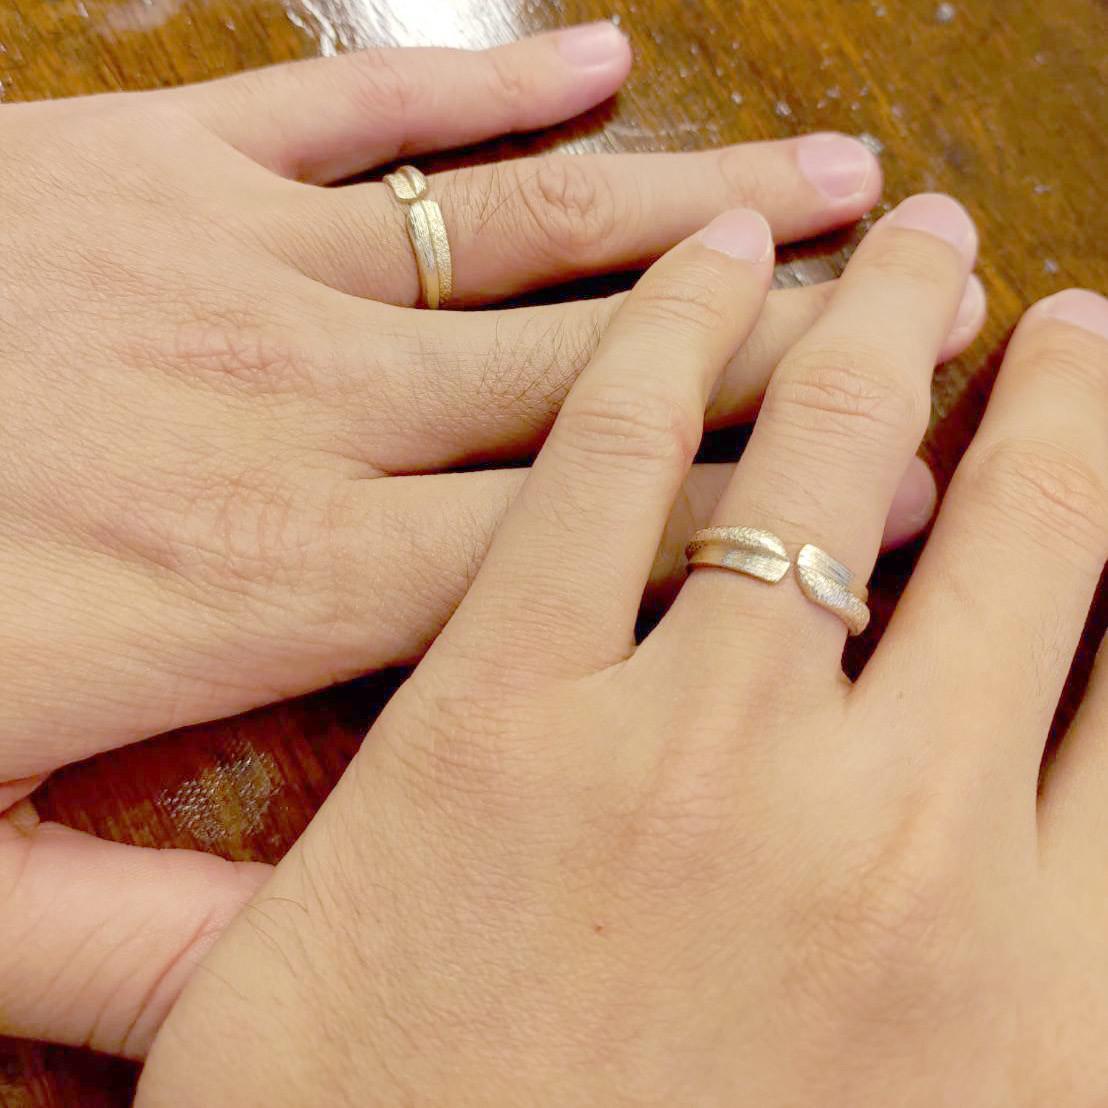 Chia Jewelry婚戒推薦|婚戒分享|對戒推薦|對戒品牌|婚戒品牌|訂製婚戒|訂製對戒|鑽戒|同志婚戒|同志對戒| 客製化婚戒|客製化對戒